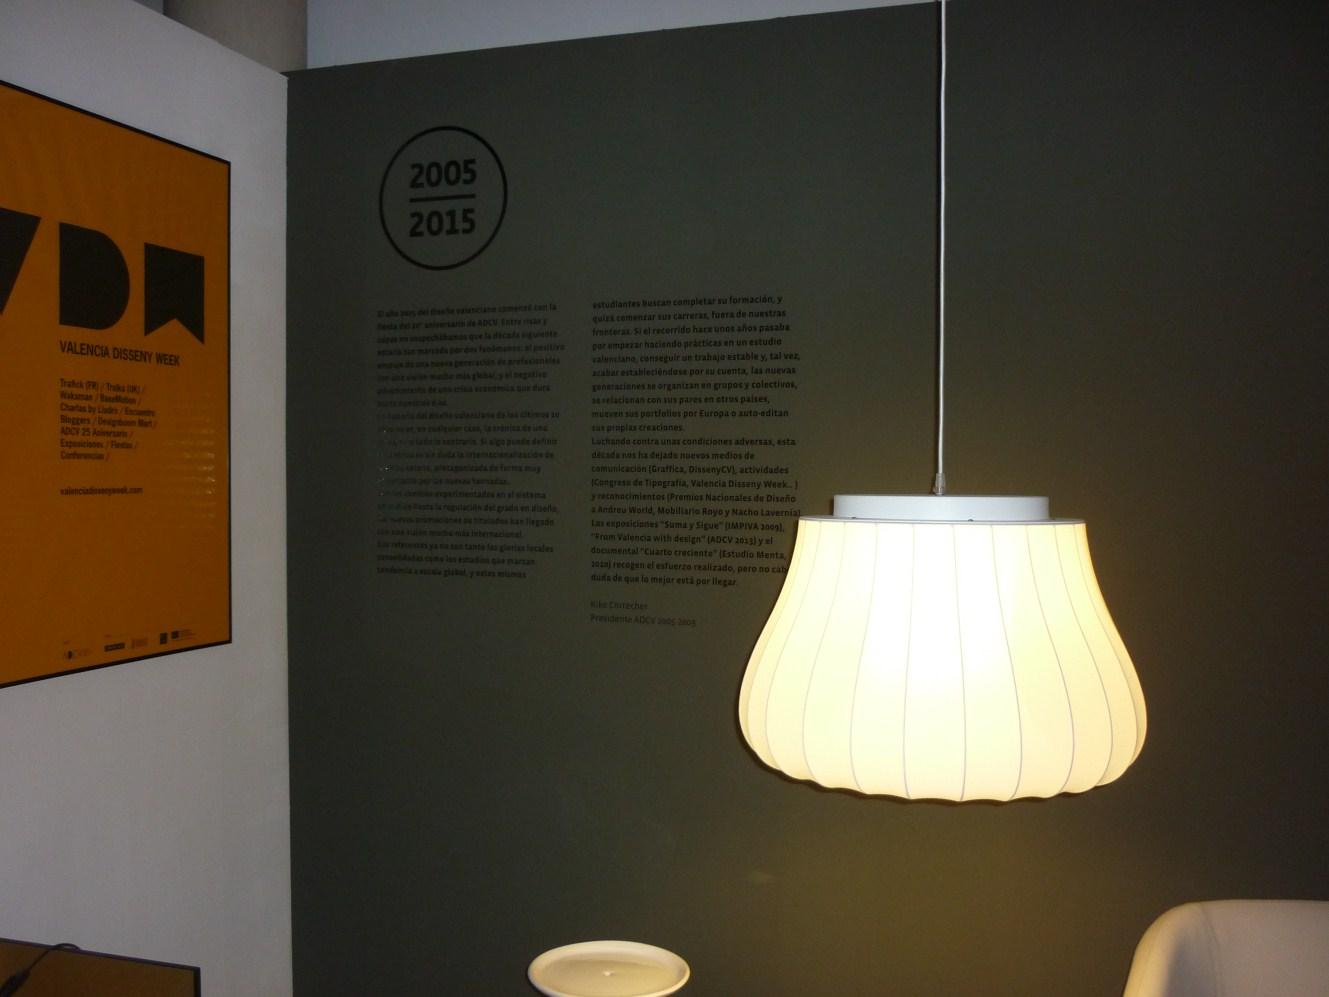 Exposici N Adcv 2015 Vinyldecor ~ Escuela Superior De Diseño De Valencia